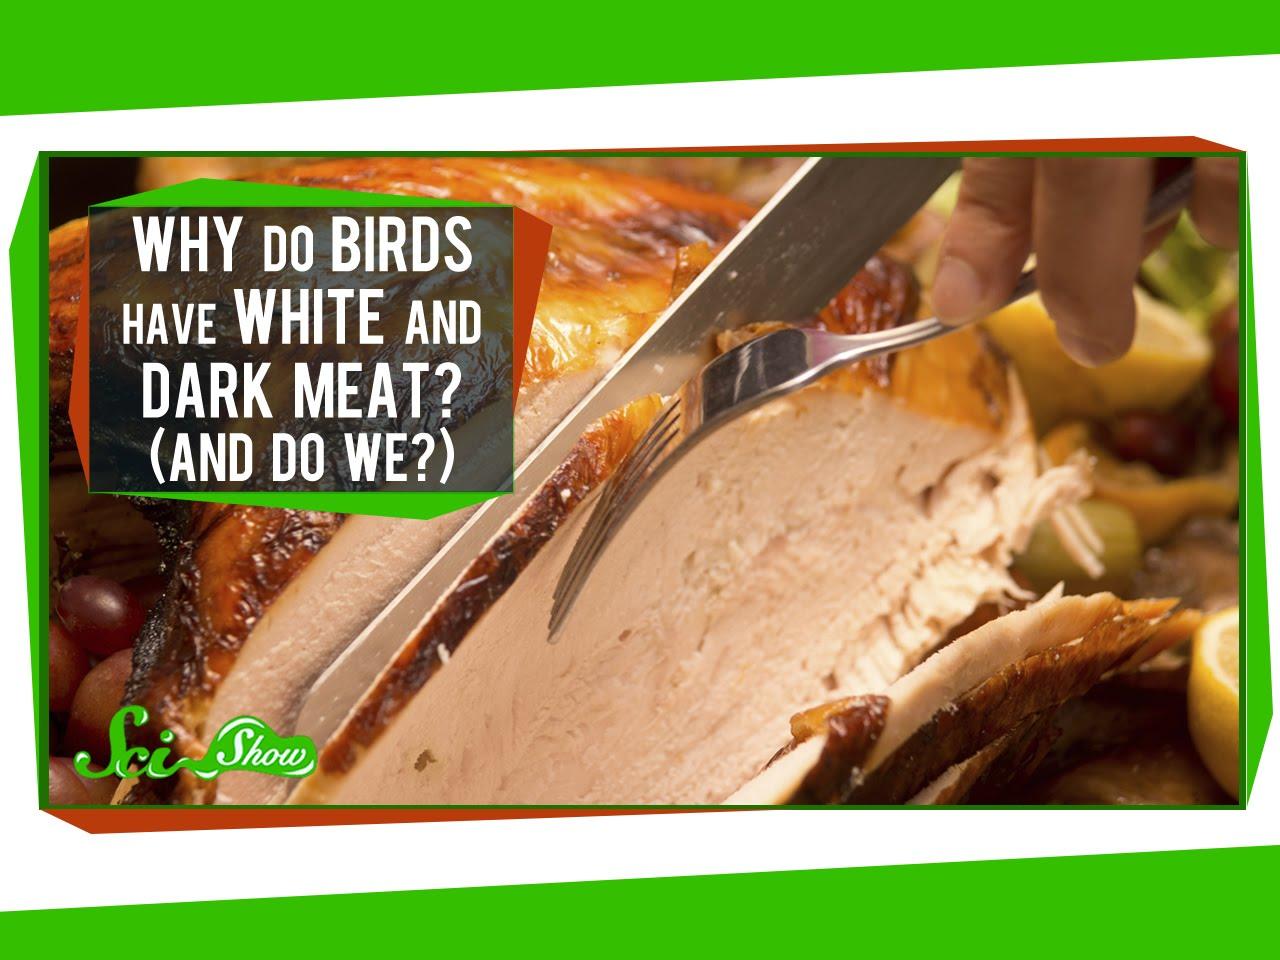 Warum haben Vögel weisses und dunkles Fleisch?